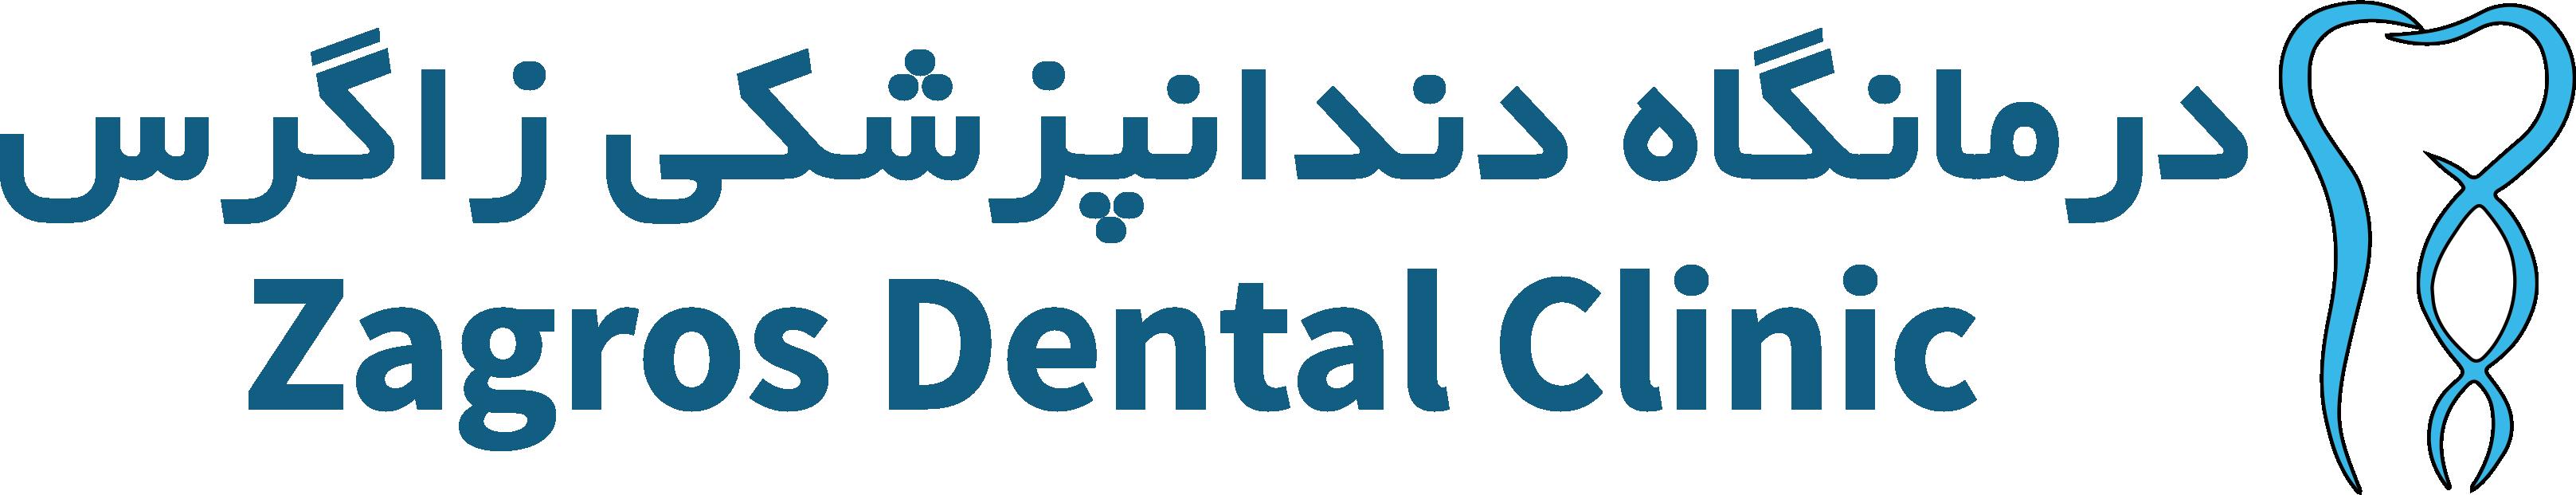 کلینیک تخصصی دندانپزشکی زاگرس